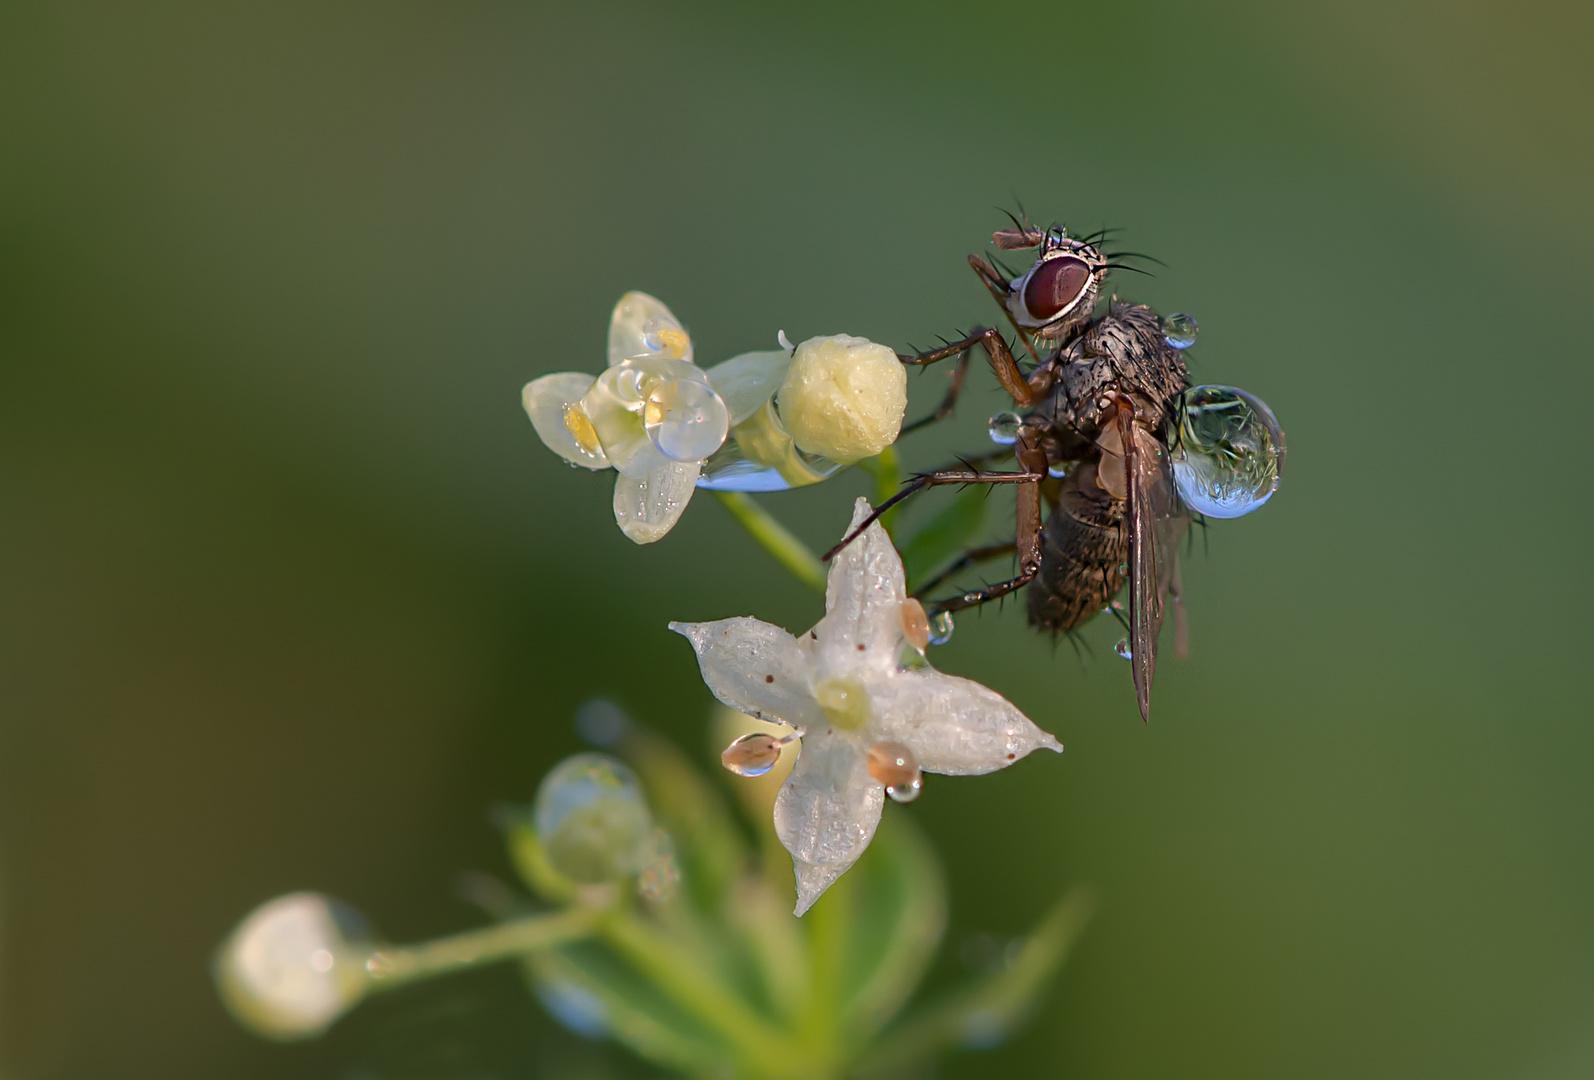 Eine Fliege mit Tröpfchen